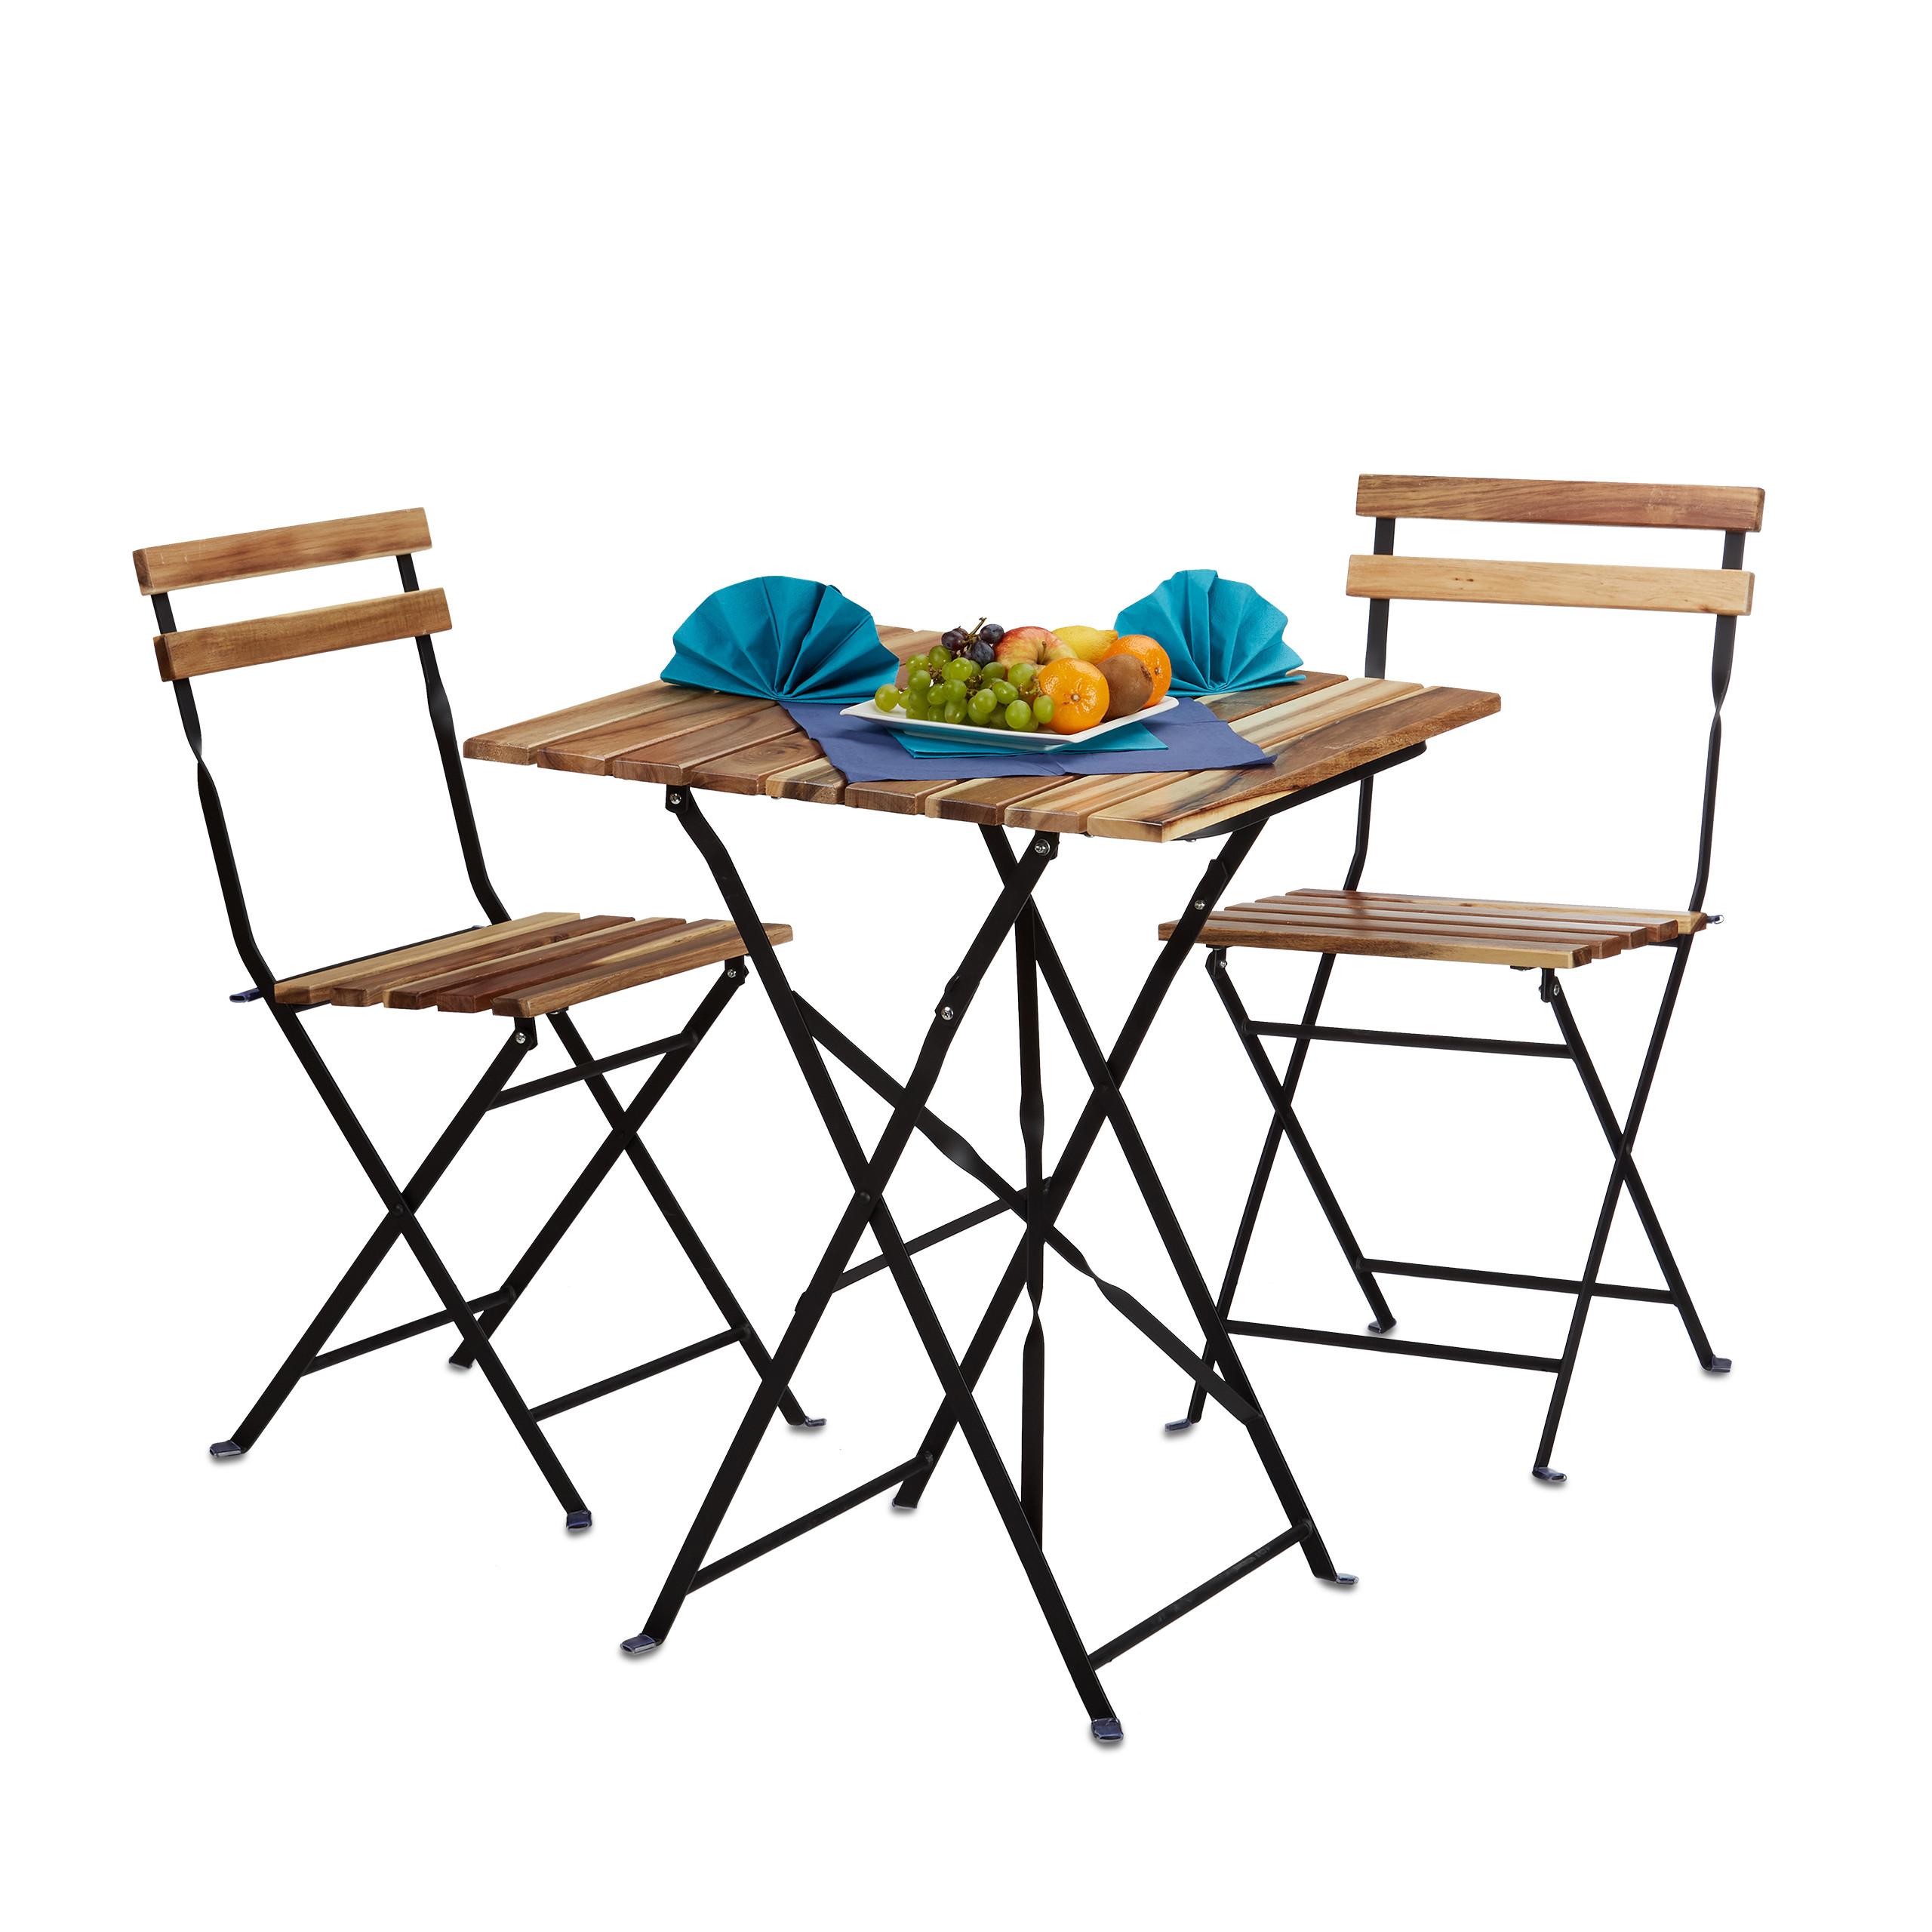 Gartenmobel Set Natur 3 Teilig Klappbar Bistro Set Tisch 2 Stuhle